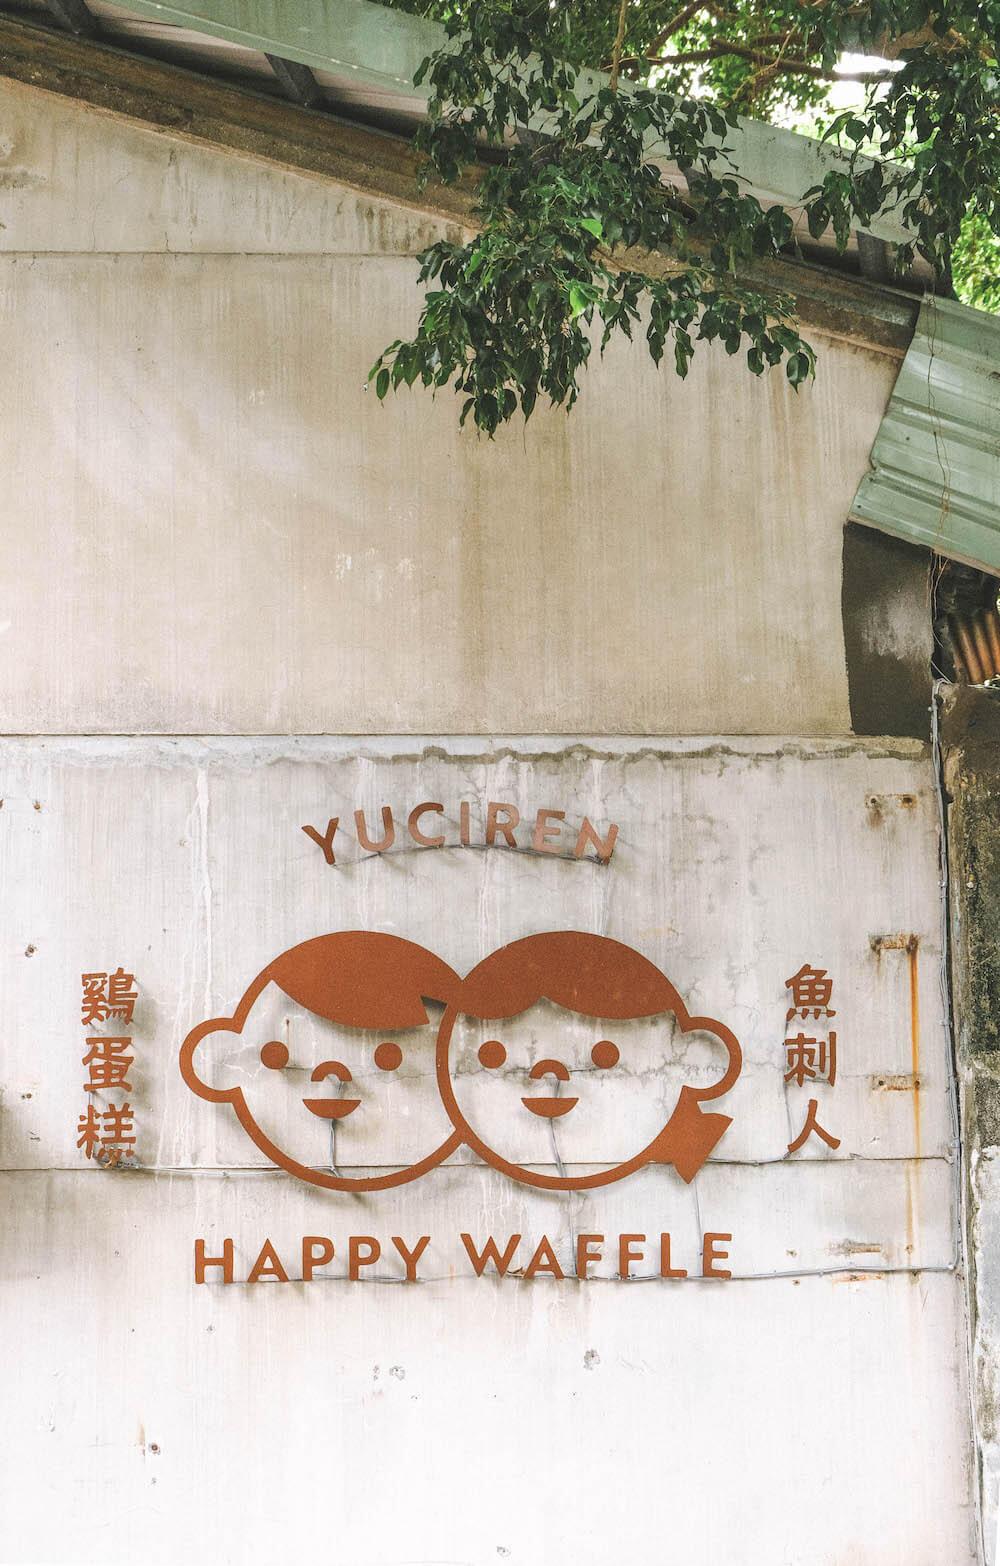 台中雞蛋糕名店「魚刺人」台北師大店菜單